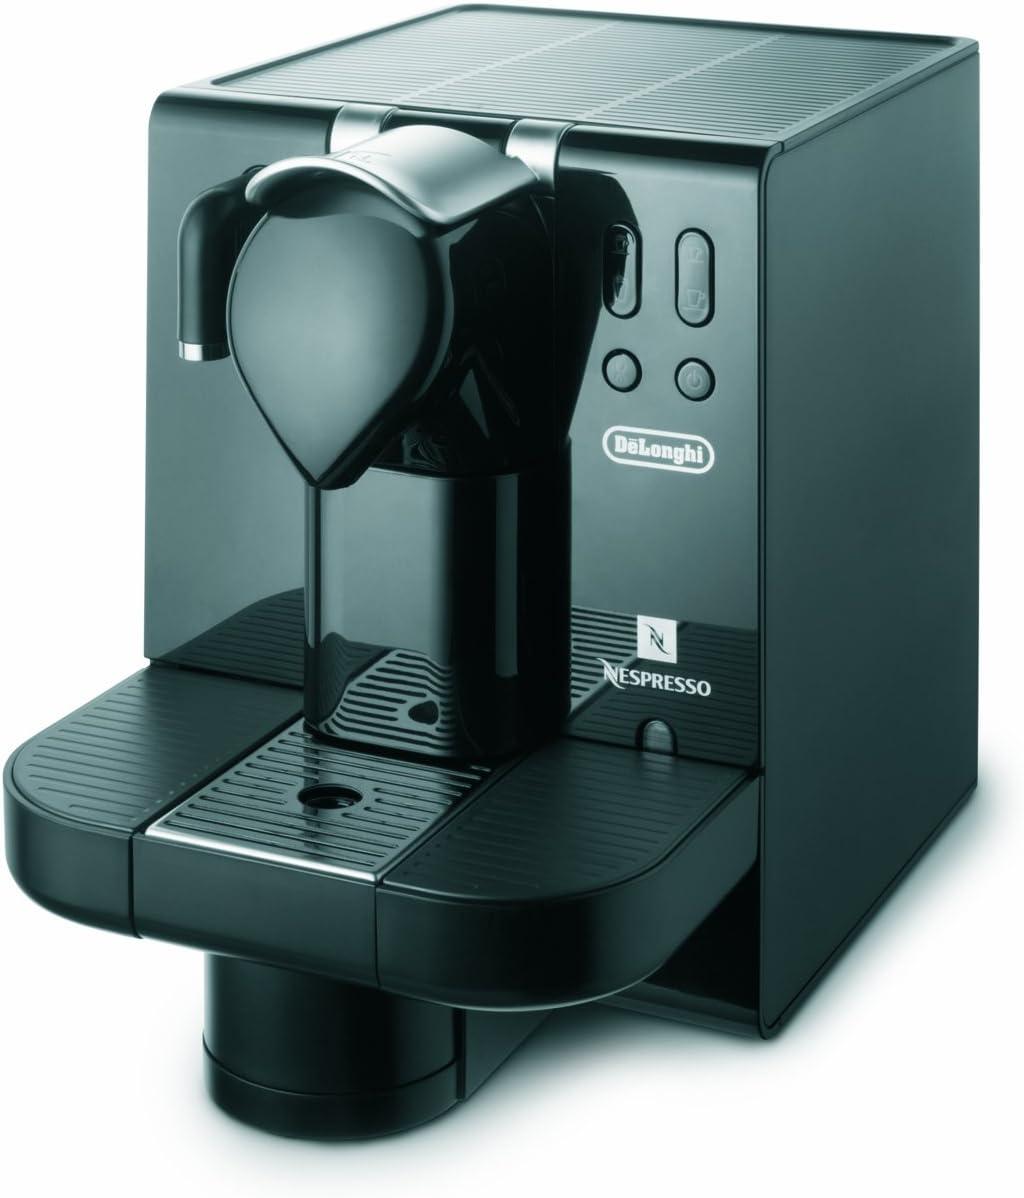 Amazon.com: DeLonghi en670.b Nespresso Lattissima single ...